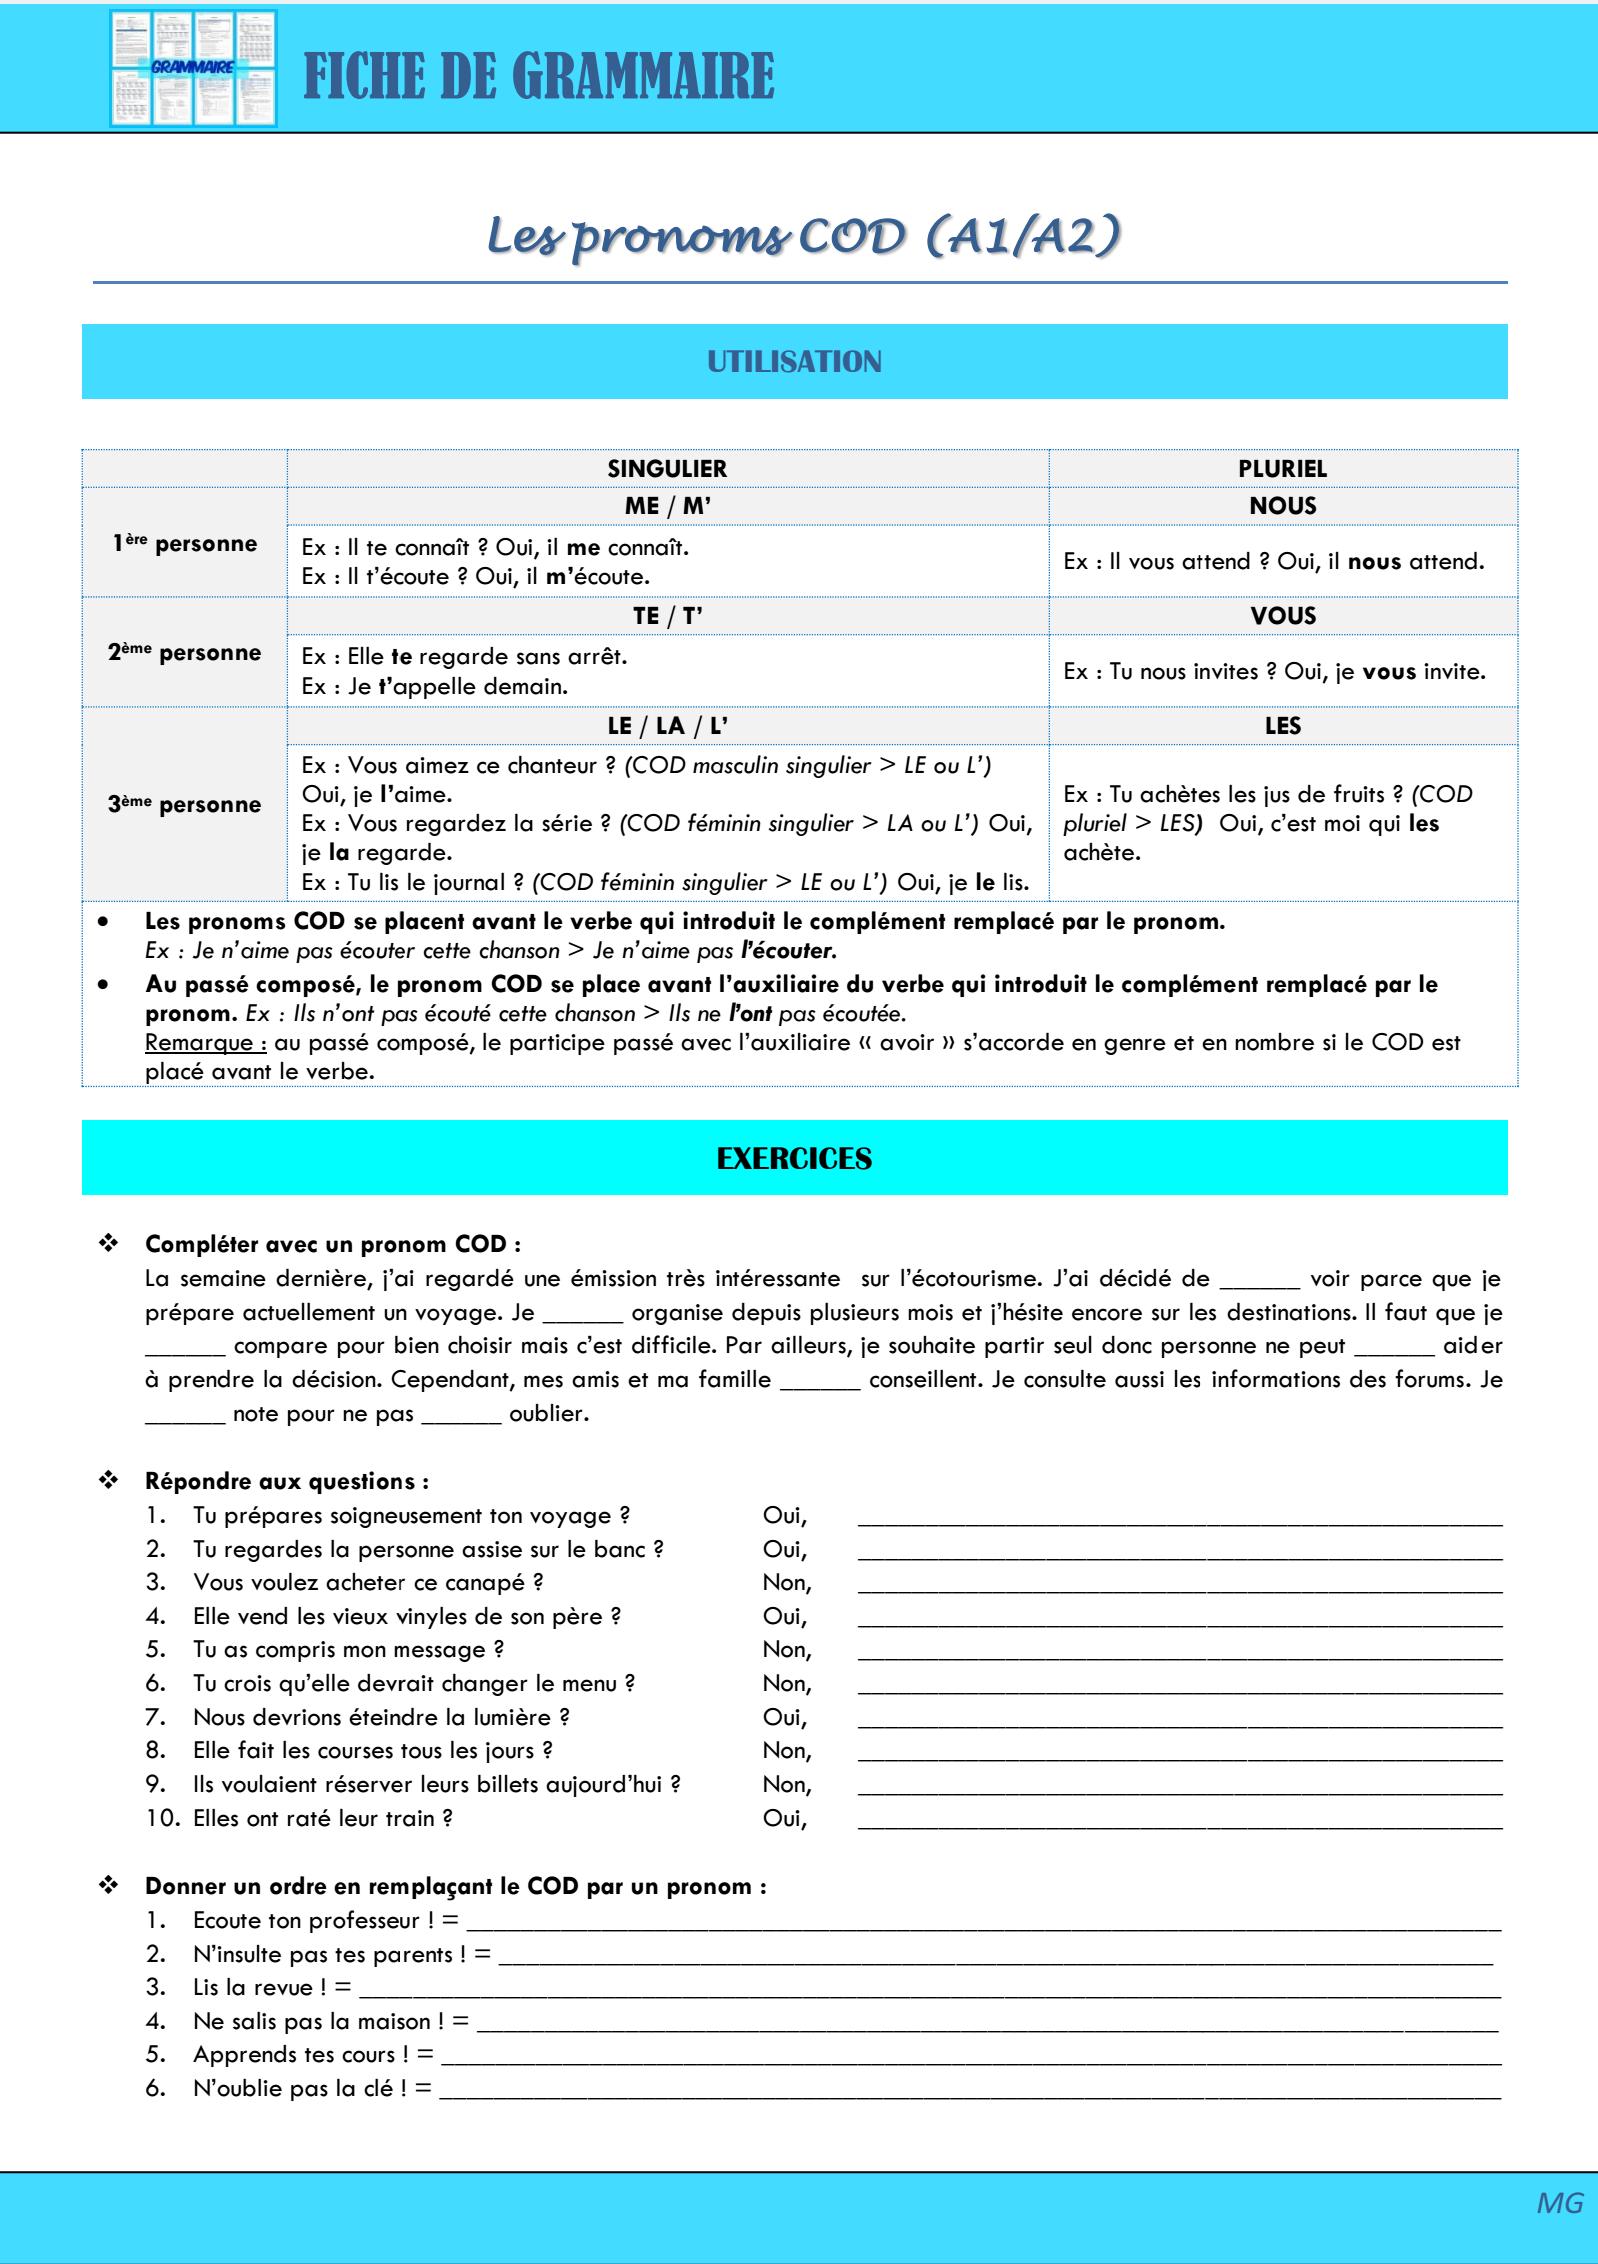 Les pronoms compléments (A1/A2) | Cap sur le FLE